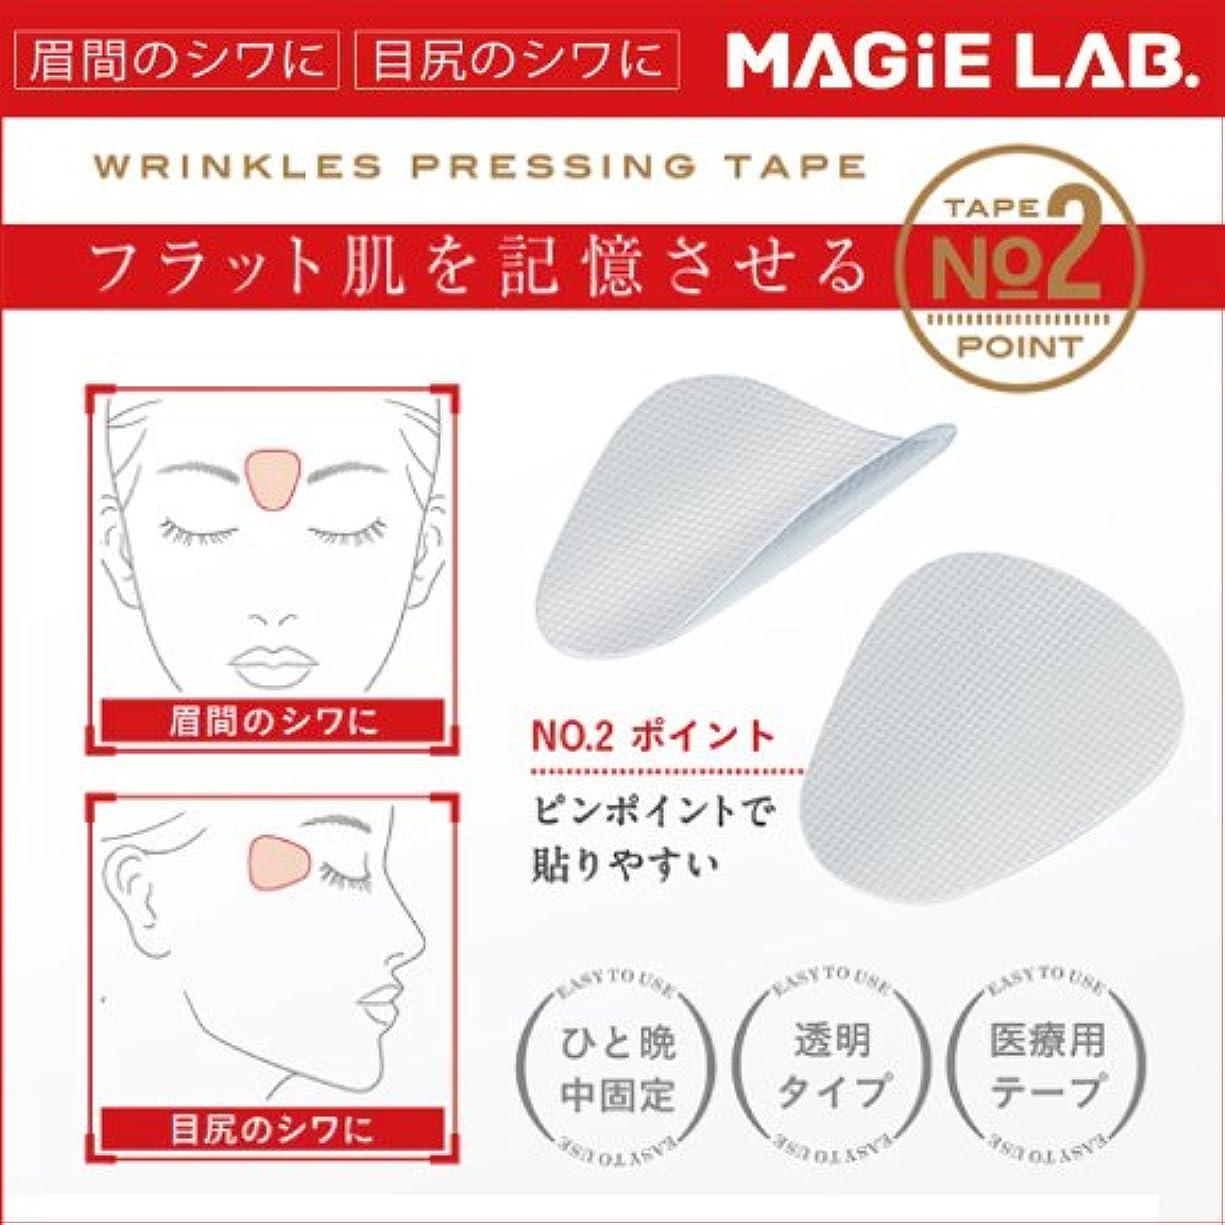 シャンプー測定可能風味MAGiE LAB.(マジラボ) 一点集中カバー お休み中のしわ伸ばしテープ No.2.ポイントタイプ MG22116